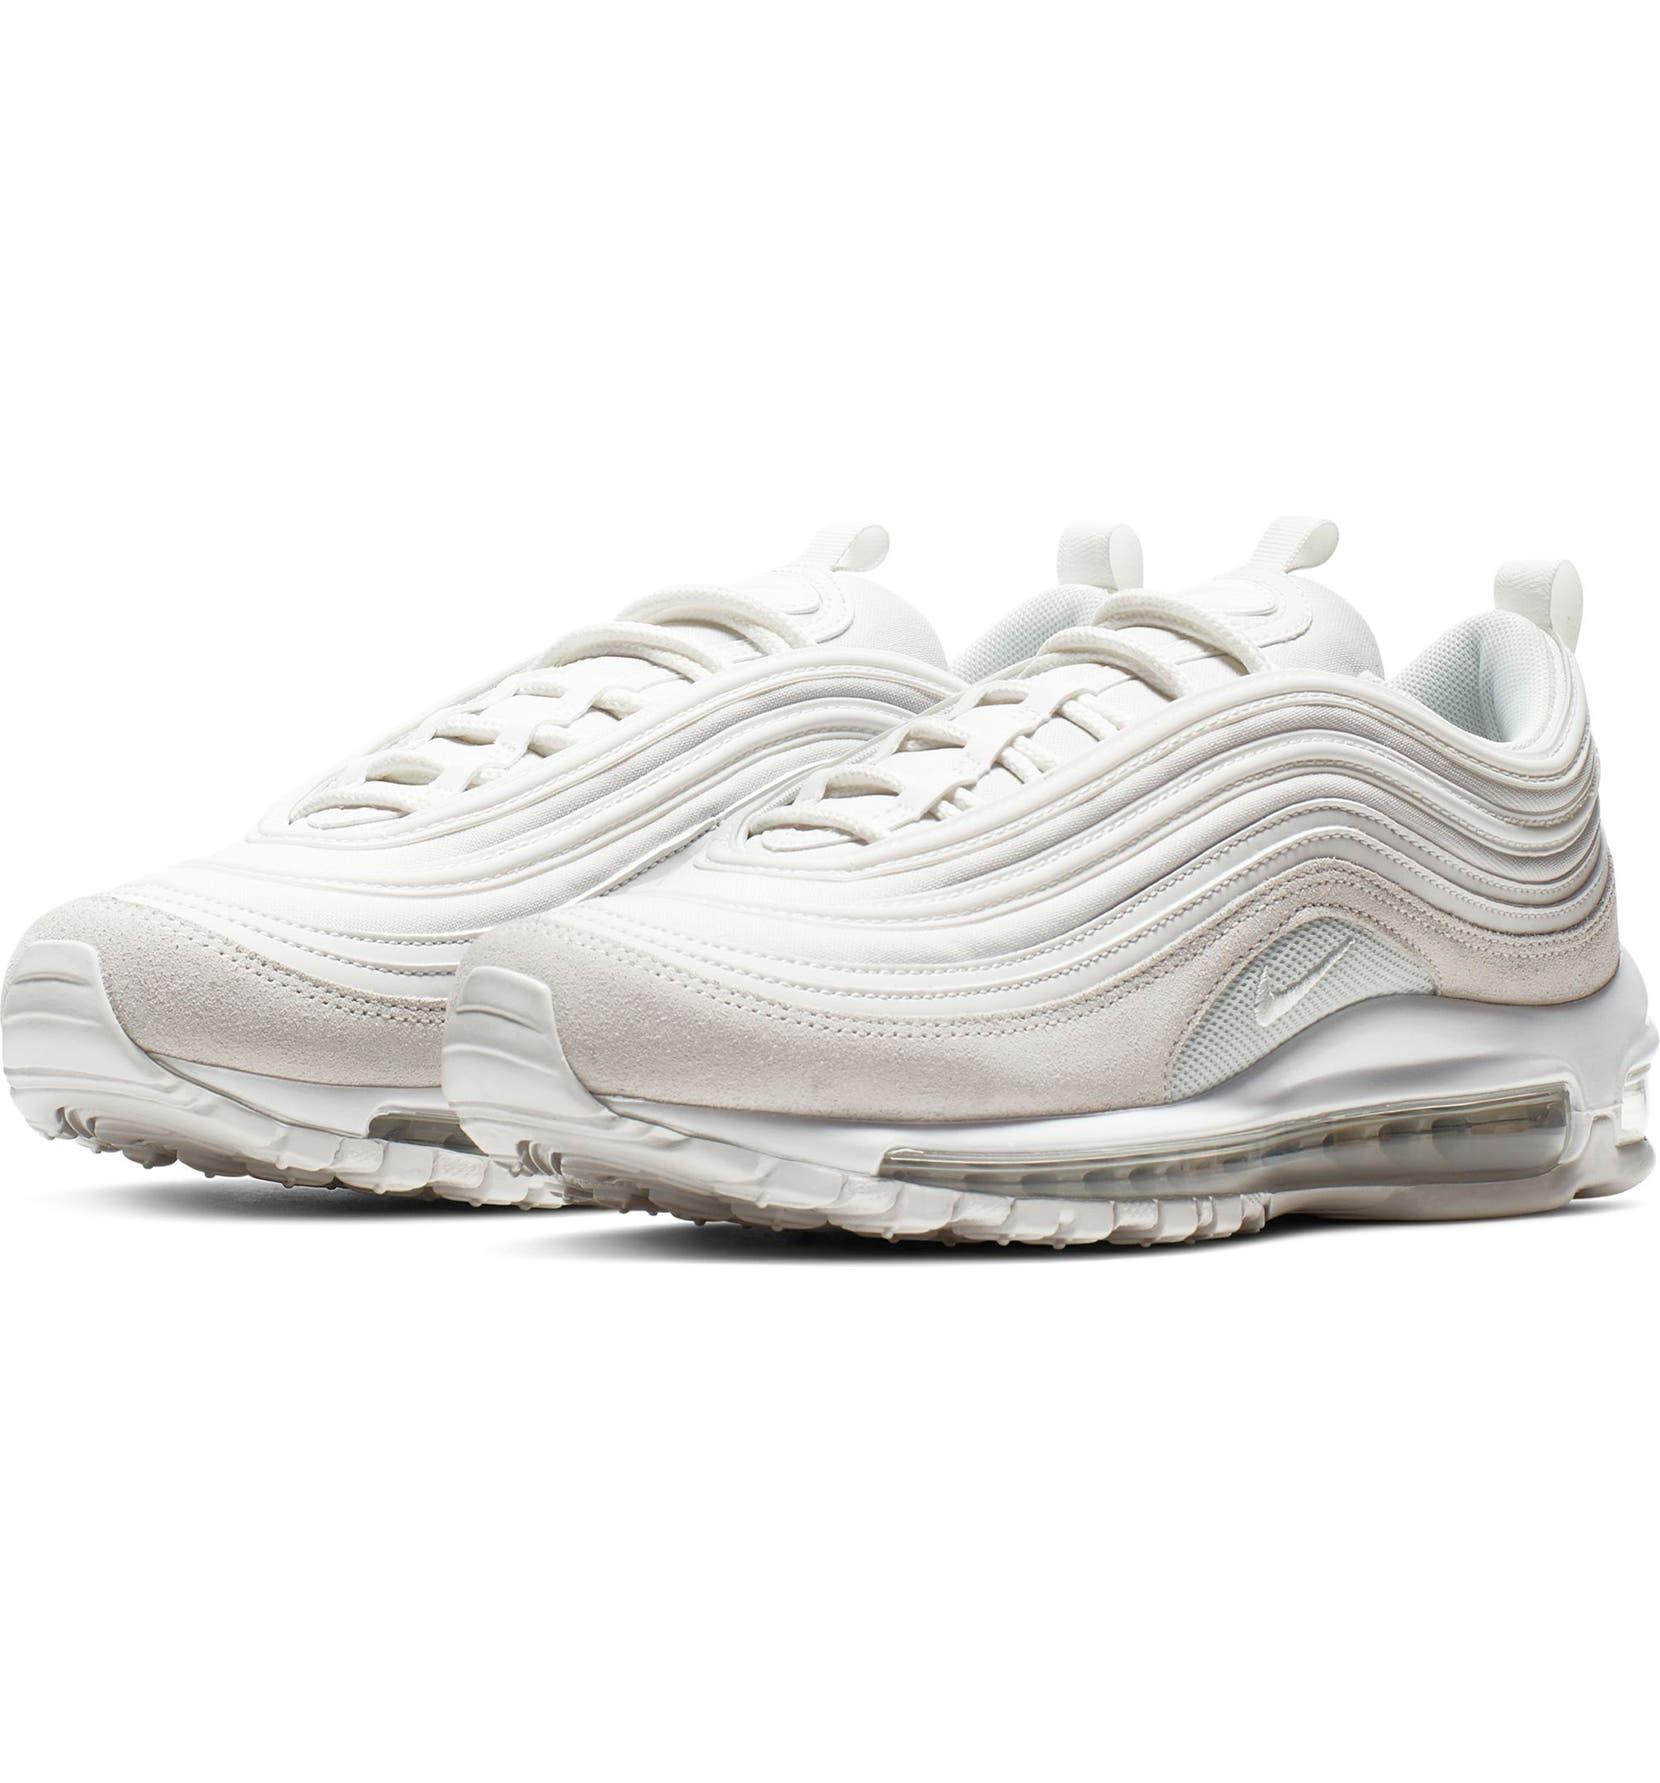 Air Max 97 Premium Sneaker